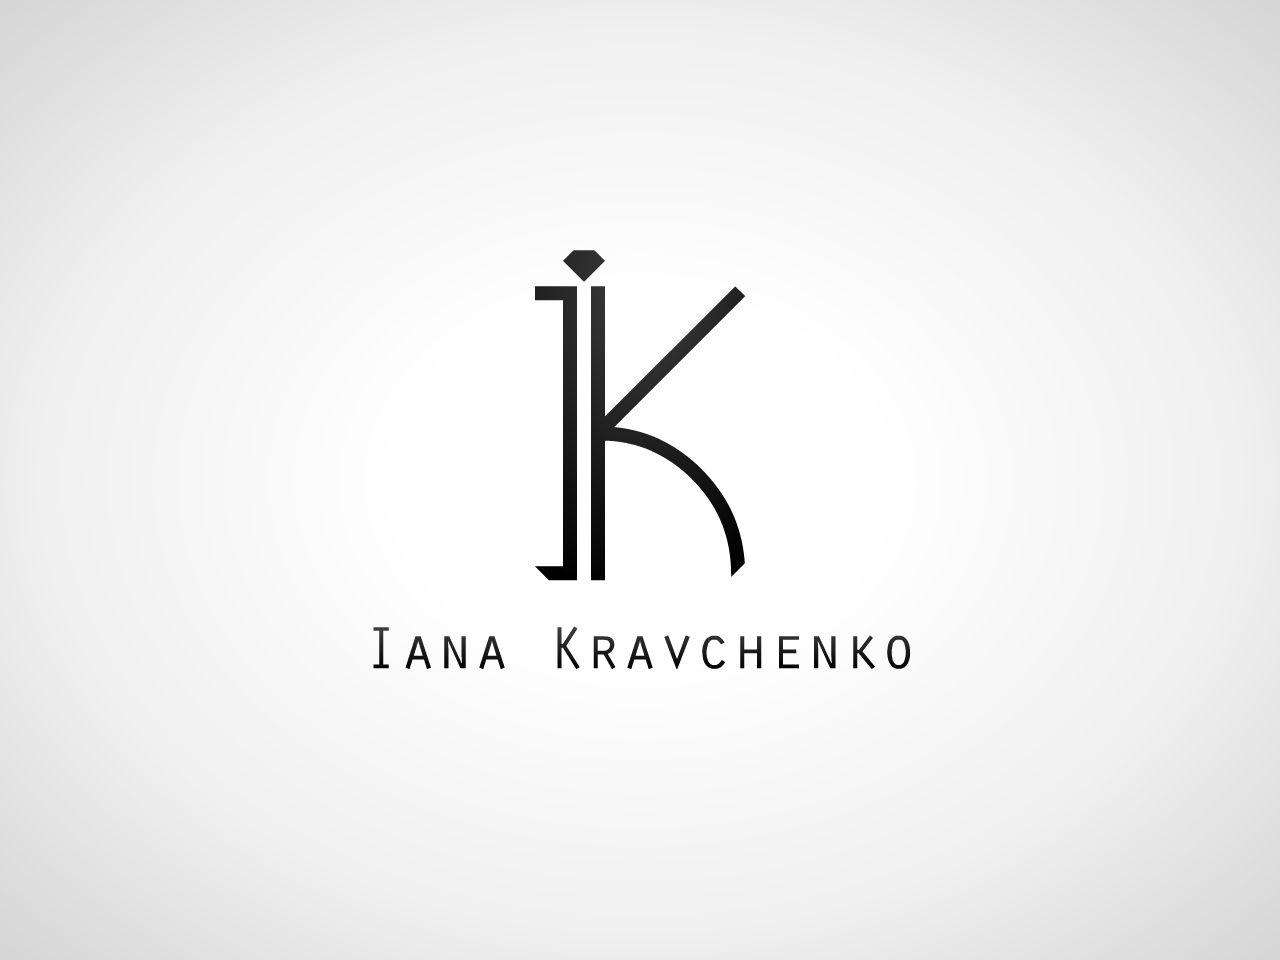 Логотипа и фир. стиля для дизайнера одежды - дизайнер brysew